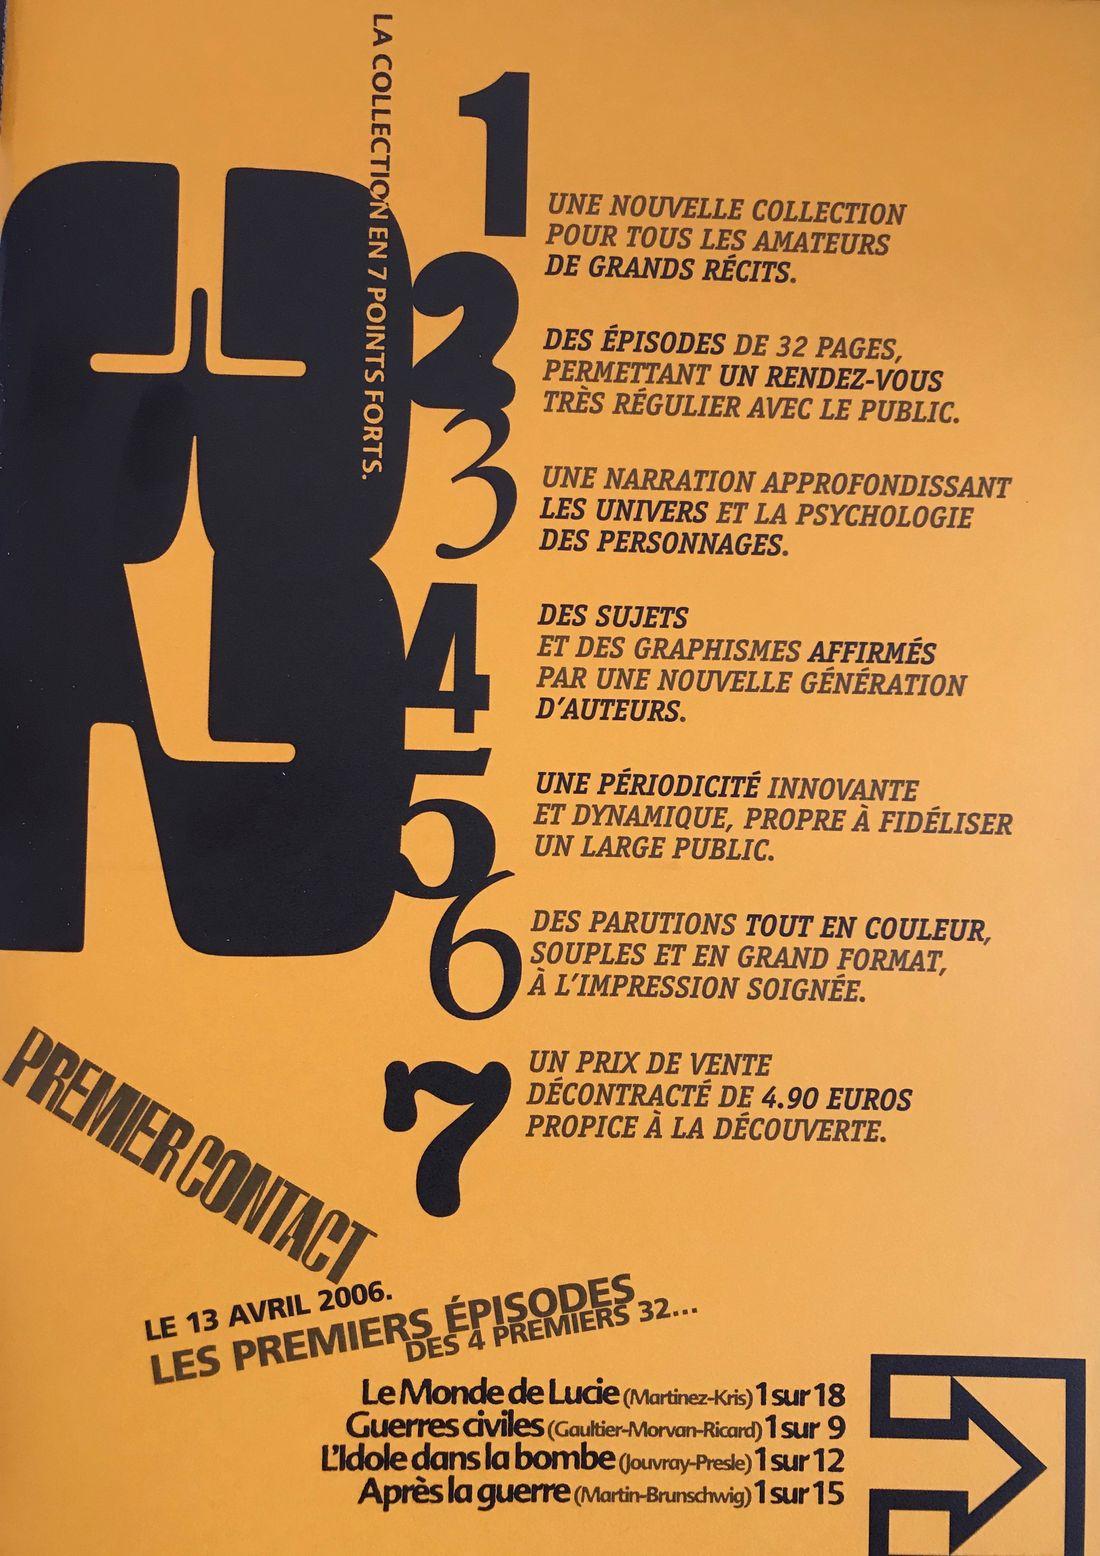 30 ans d'édition, par Sébastien Gnaedig, Chapitre 38 : la Collection 32